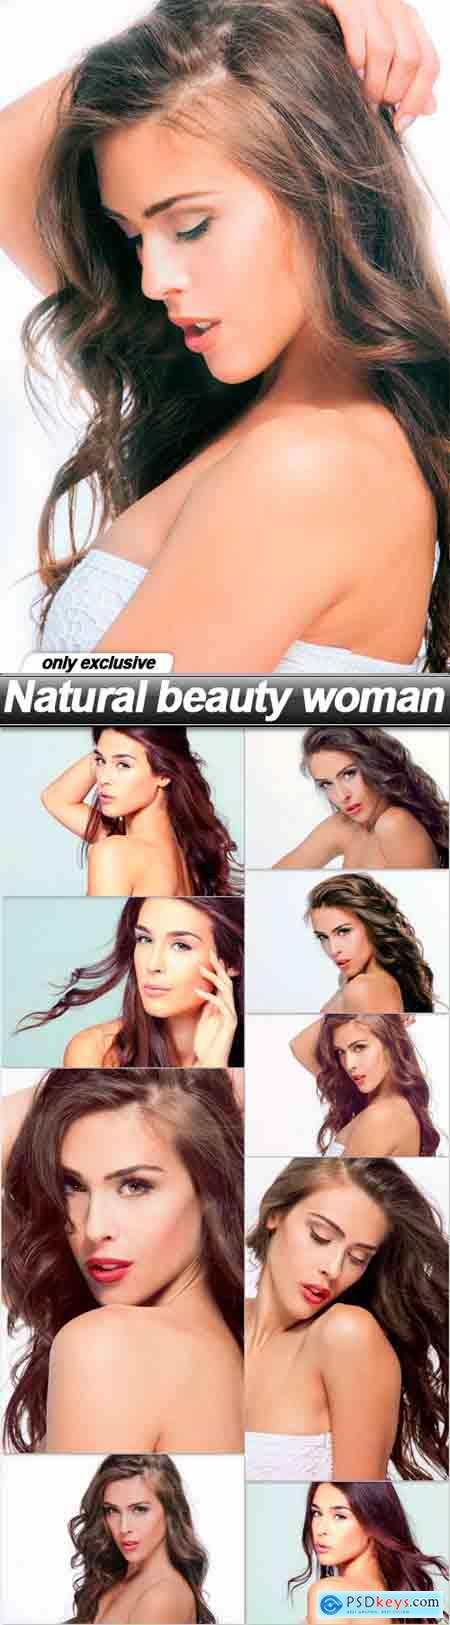 Natural beauty woman - 10 UHQ JPEG